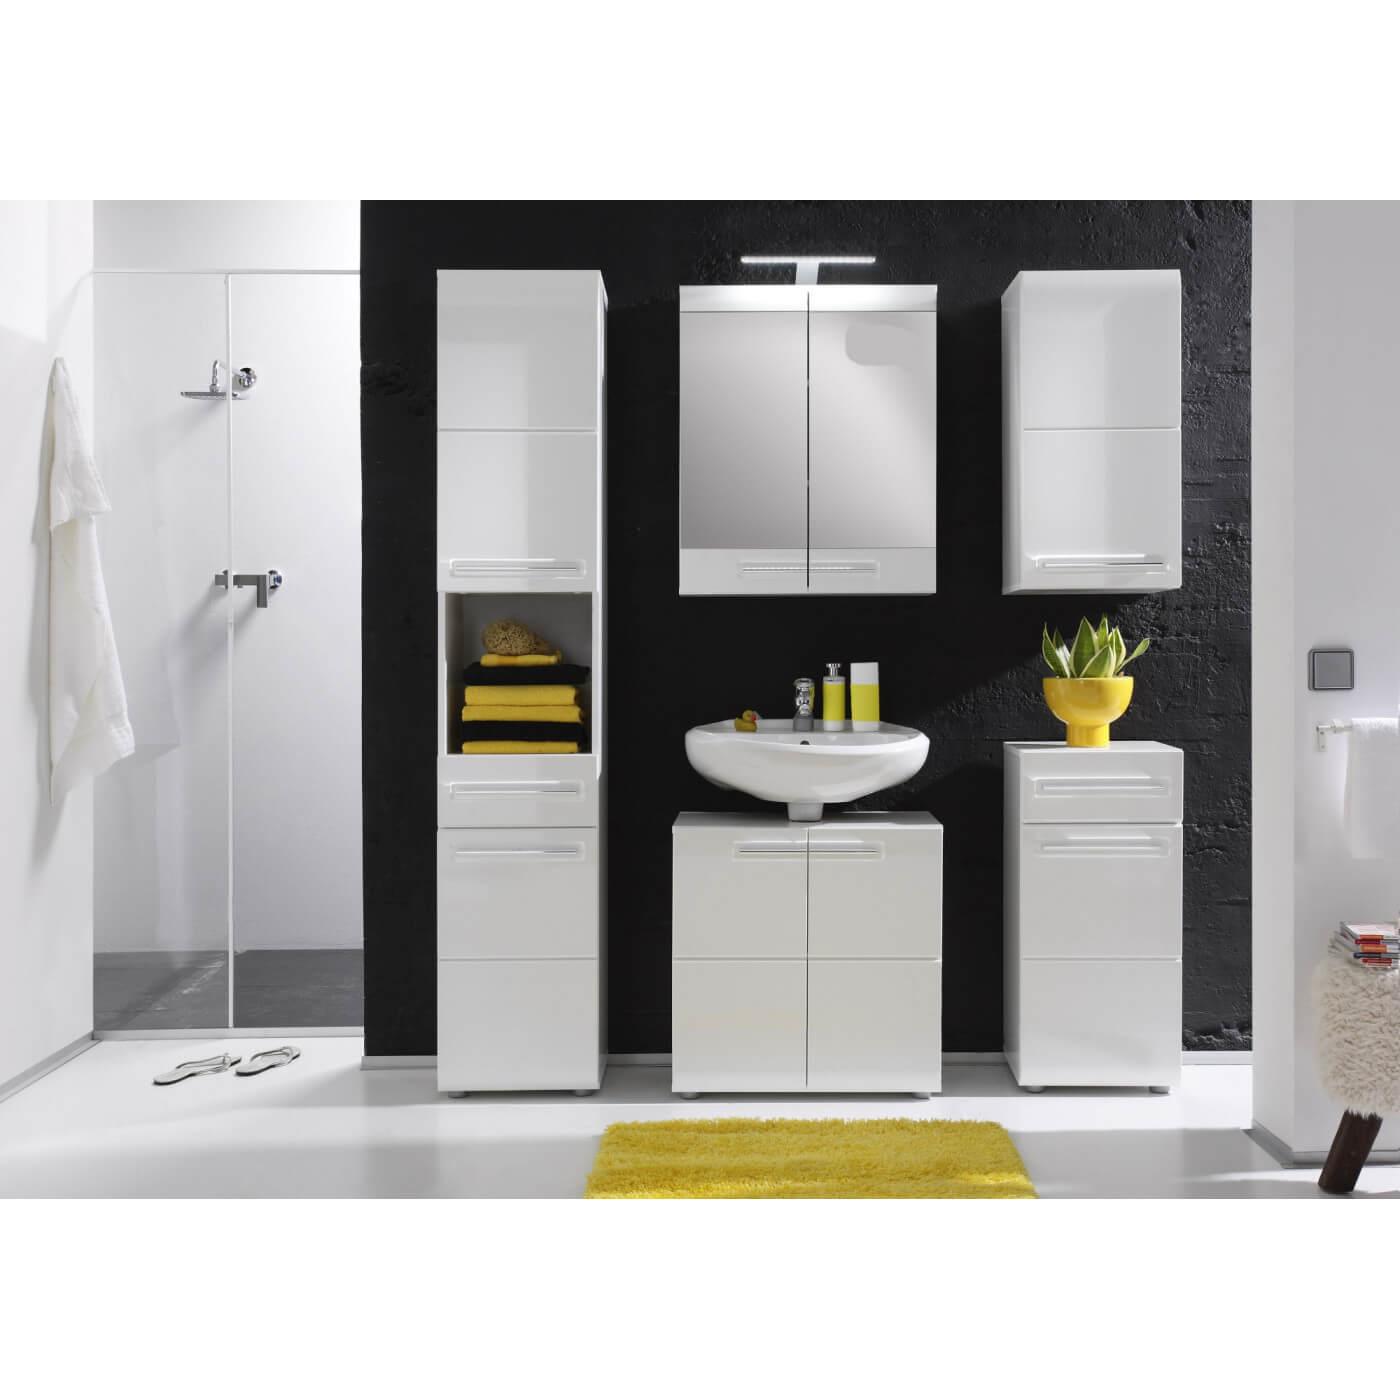 Meuble haut de salle de bain design laqu blanc obra - Meuble de salle de bain laque blanc ...